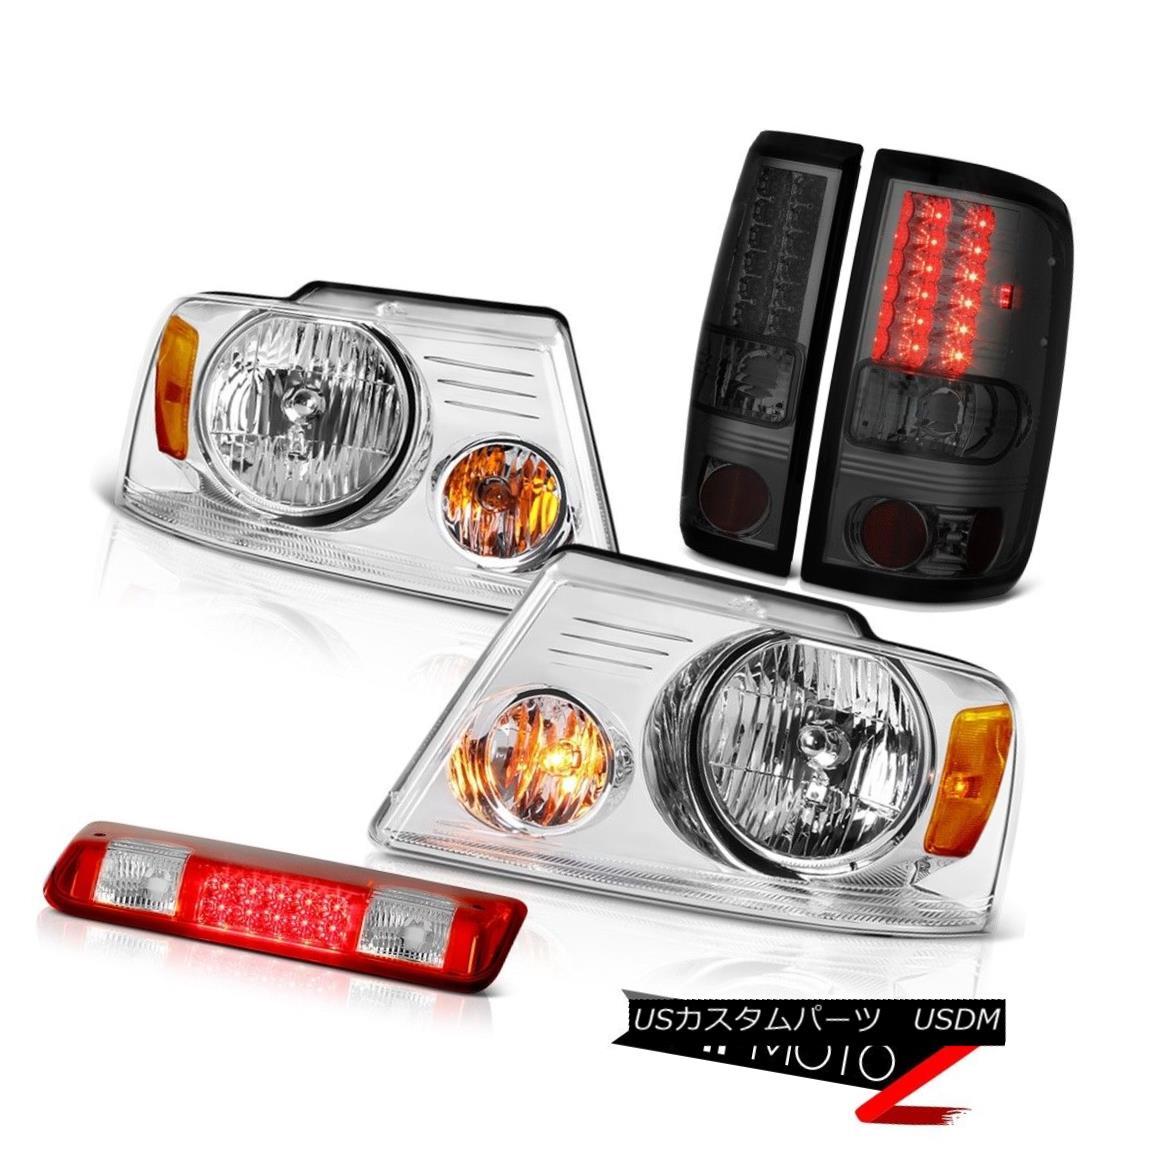 テールライト 04-08 Ford F150 XL Red Roof Cargo Light Headlights Titanium Smoke Taillamps SMD 04-08フォードF150 XLレッドルーフカーゴライトヘッドライトチタンスモークタイマーSMD